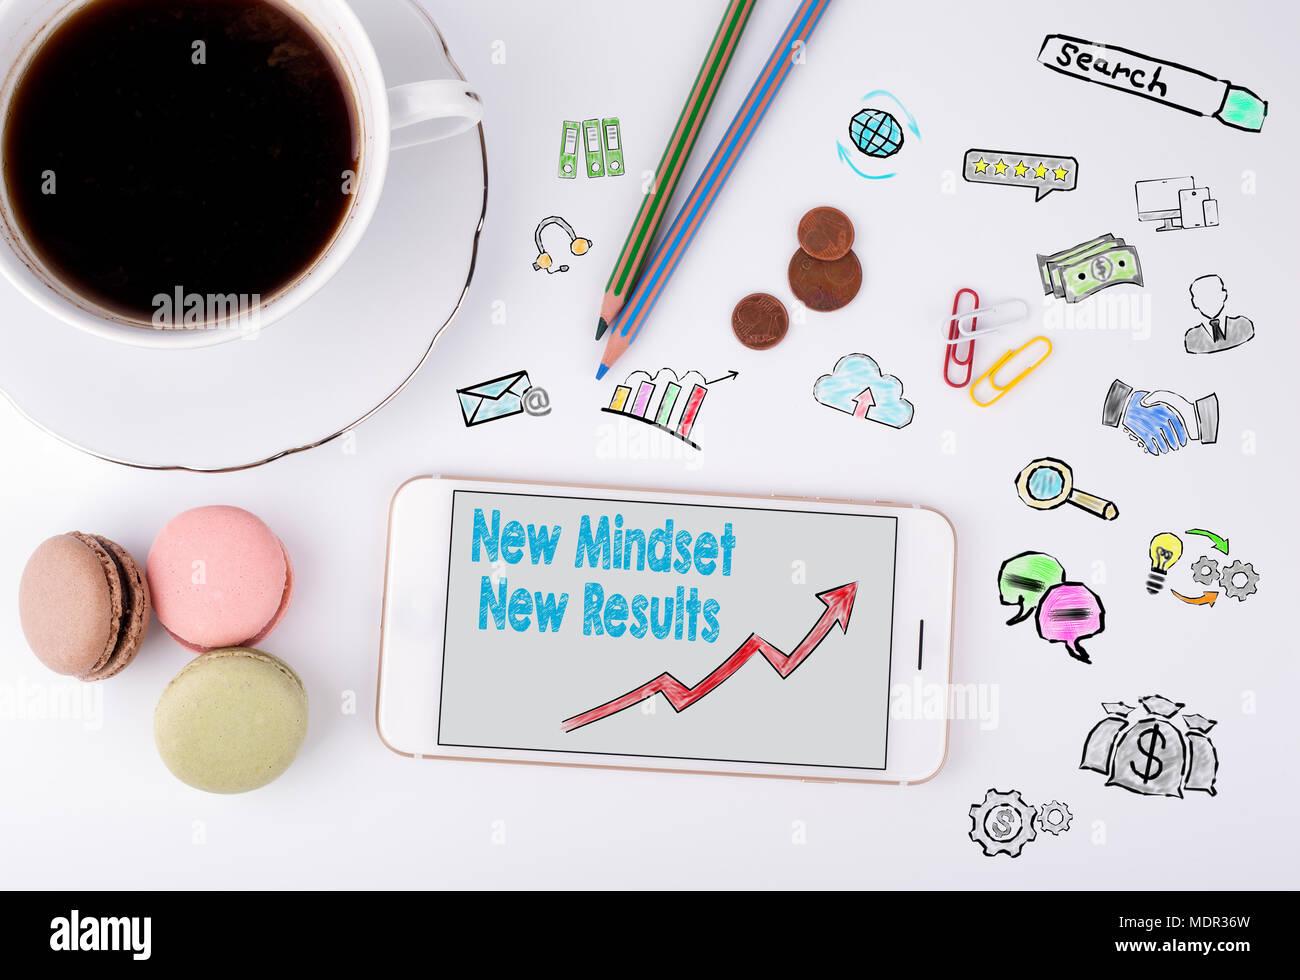 Nuova mentalità nuovi risultati concetto. Telefono cellulare e la tazza di caffè in un bianco scrivania in ufficio Immagini Stock